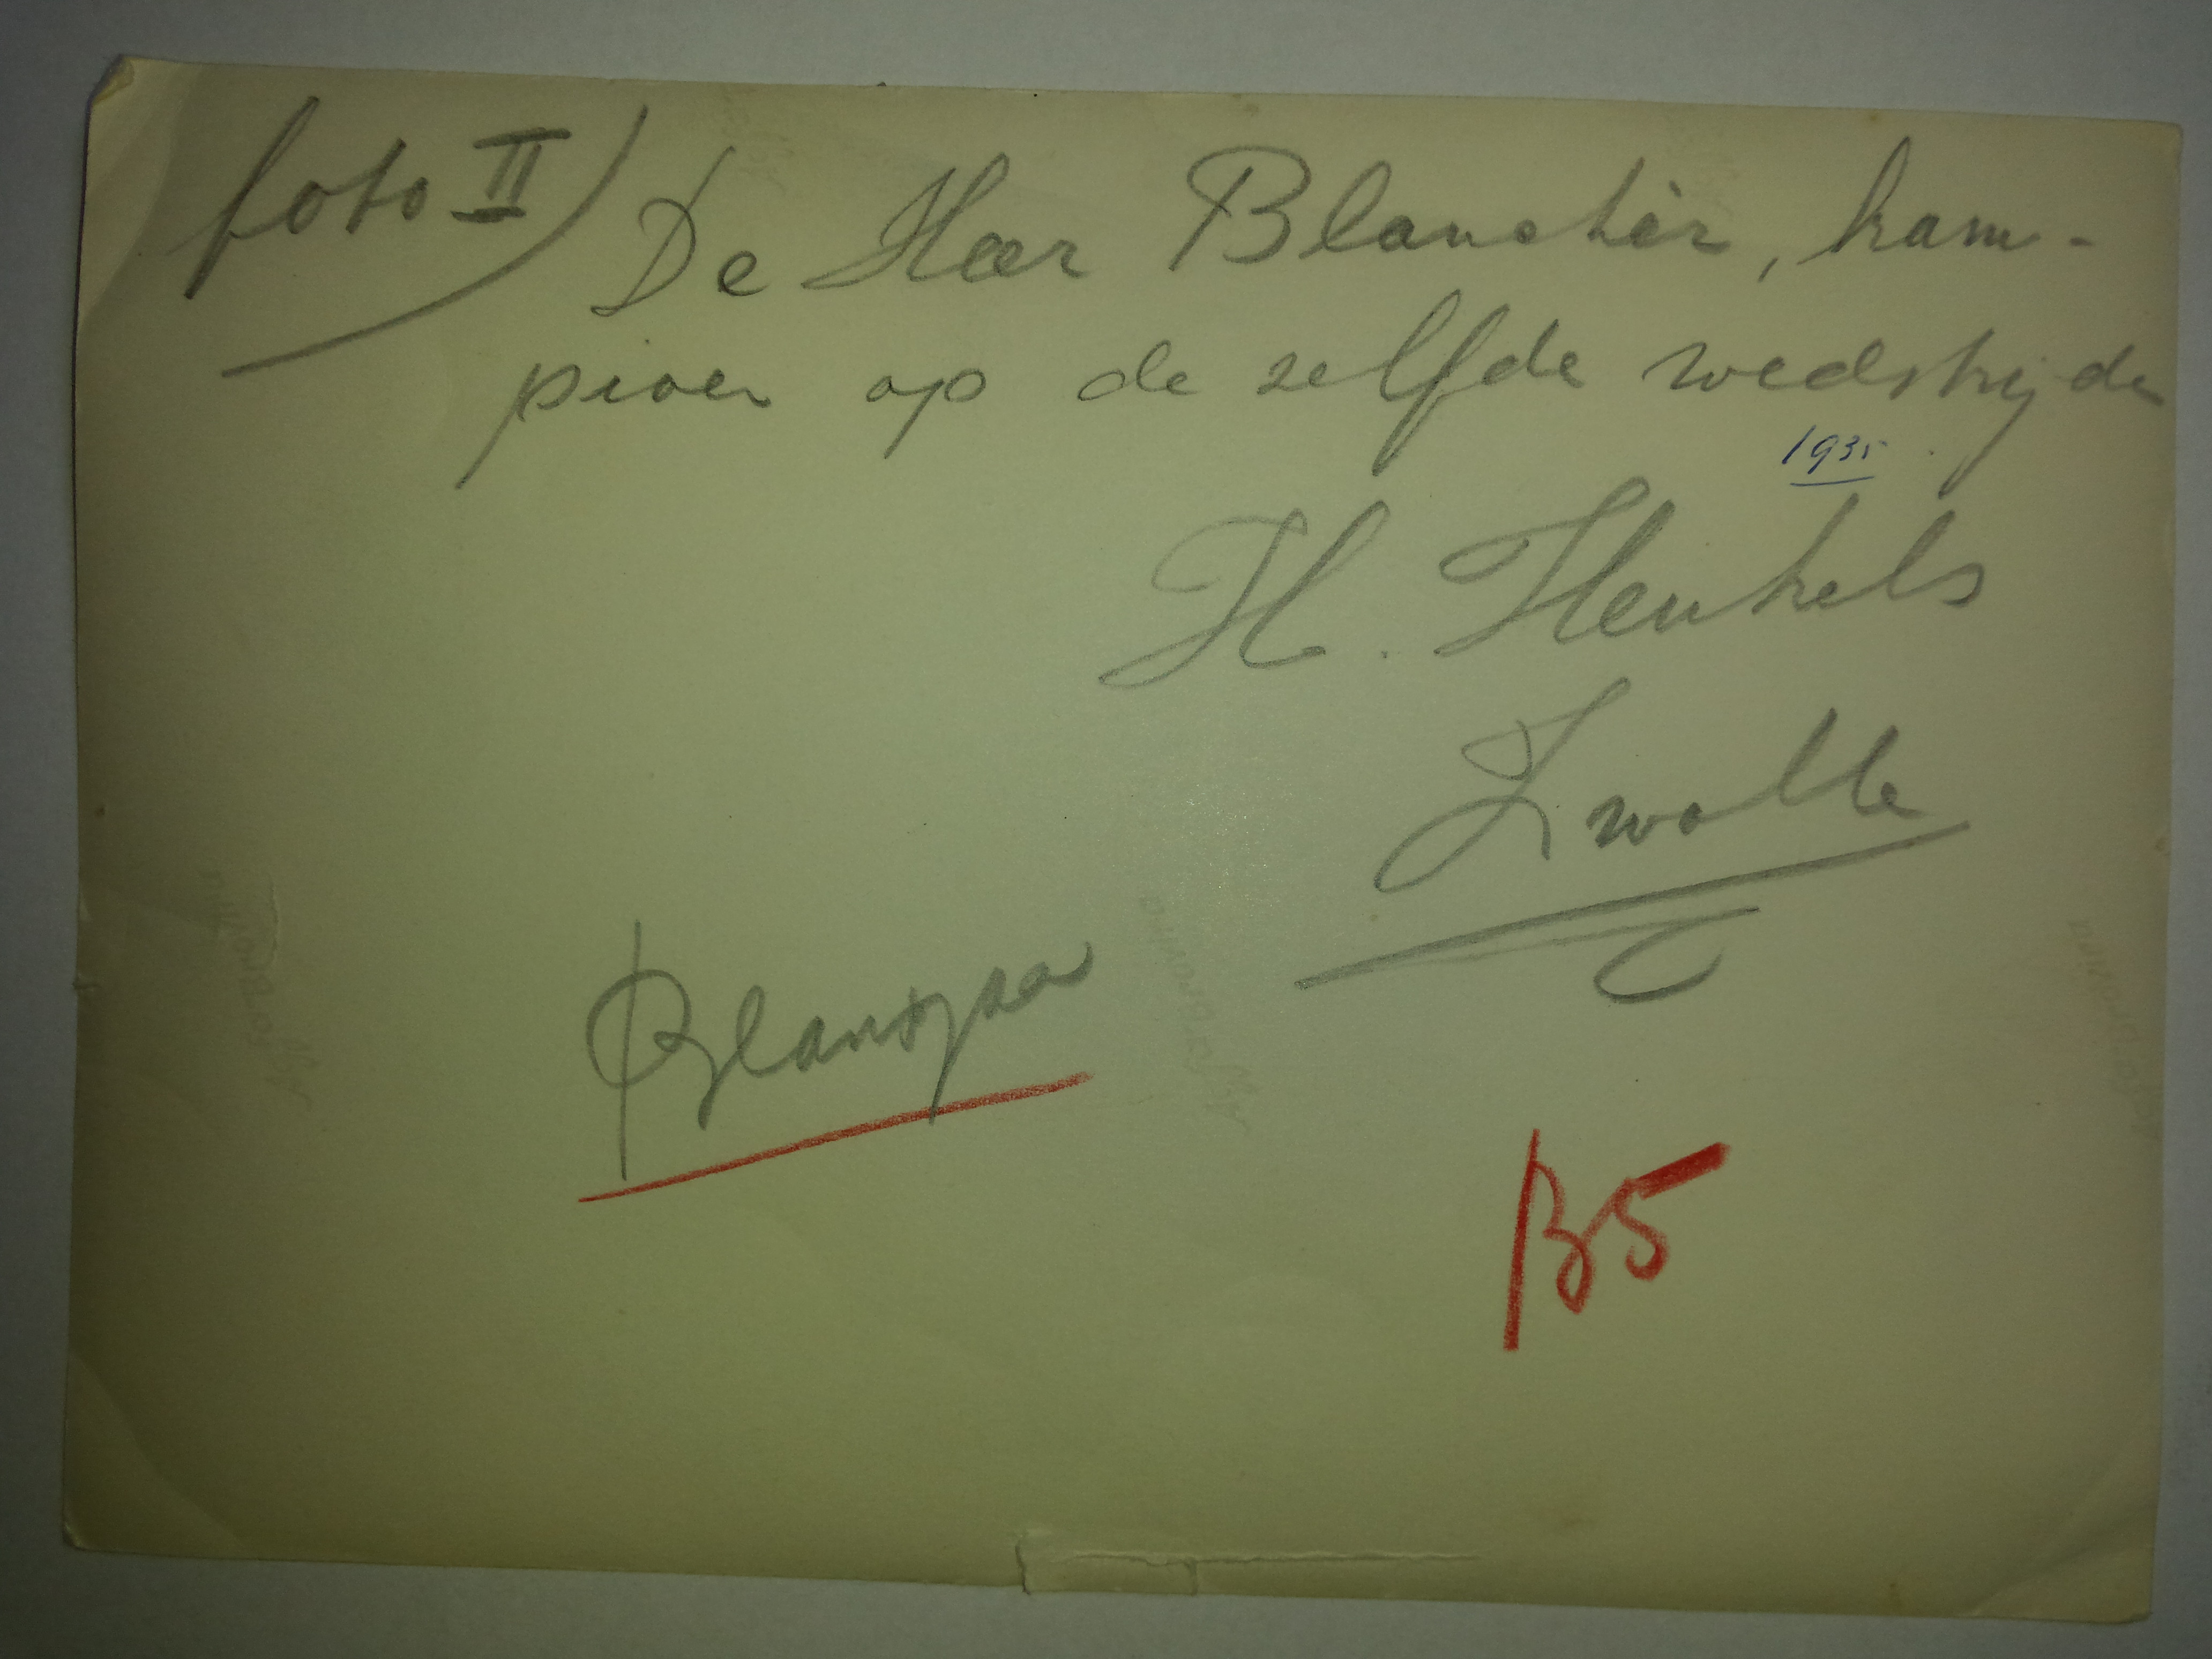 Jan Blansjaar achterkant - 1935